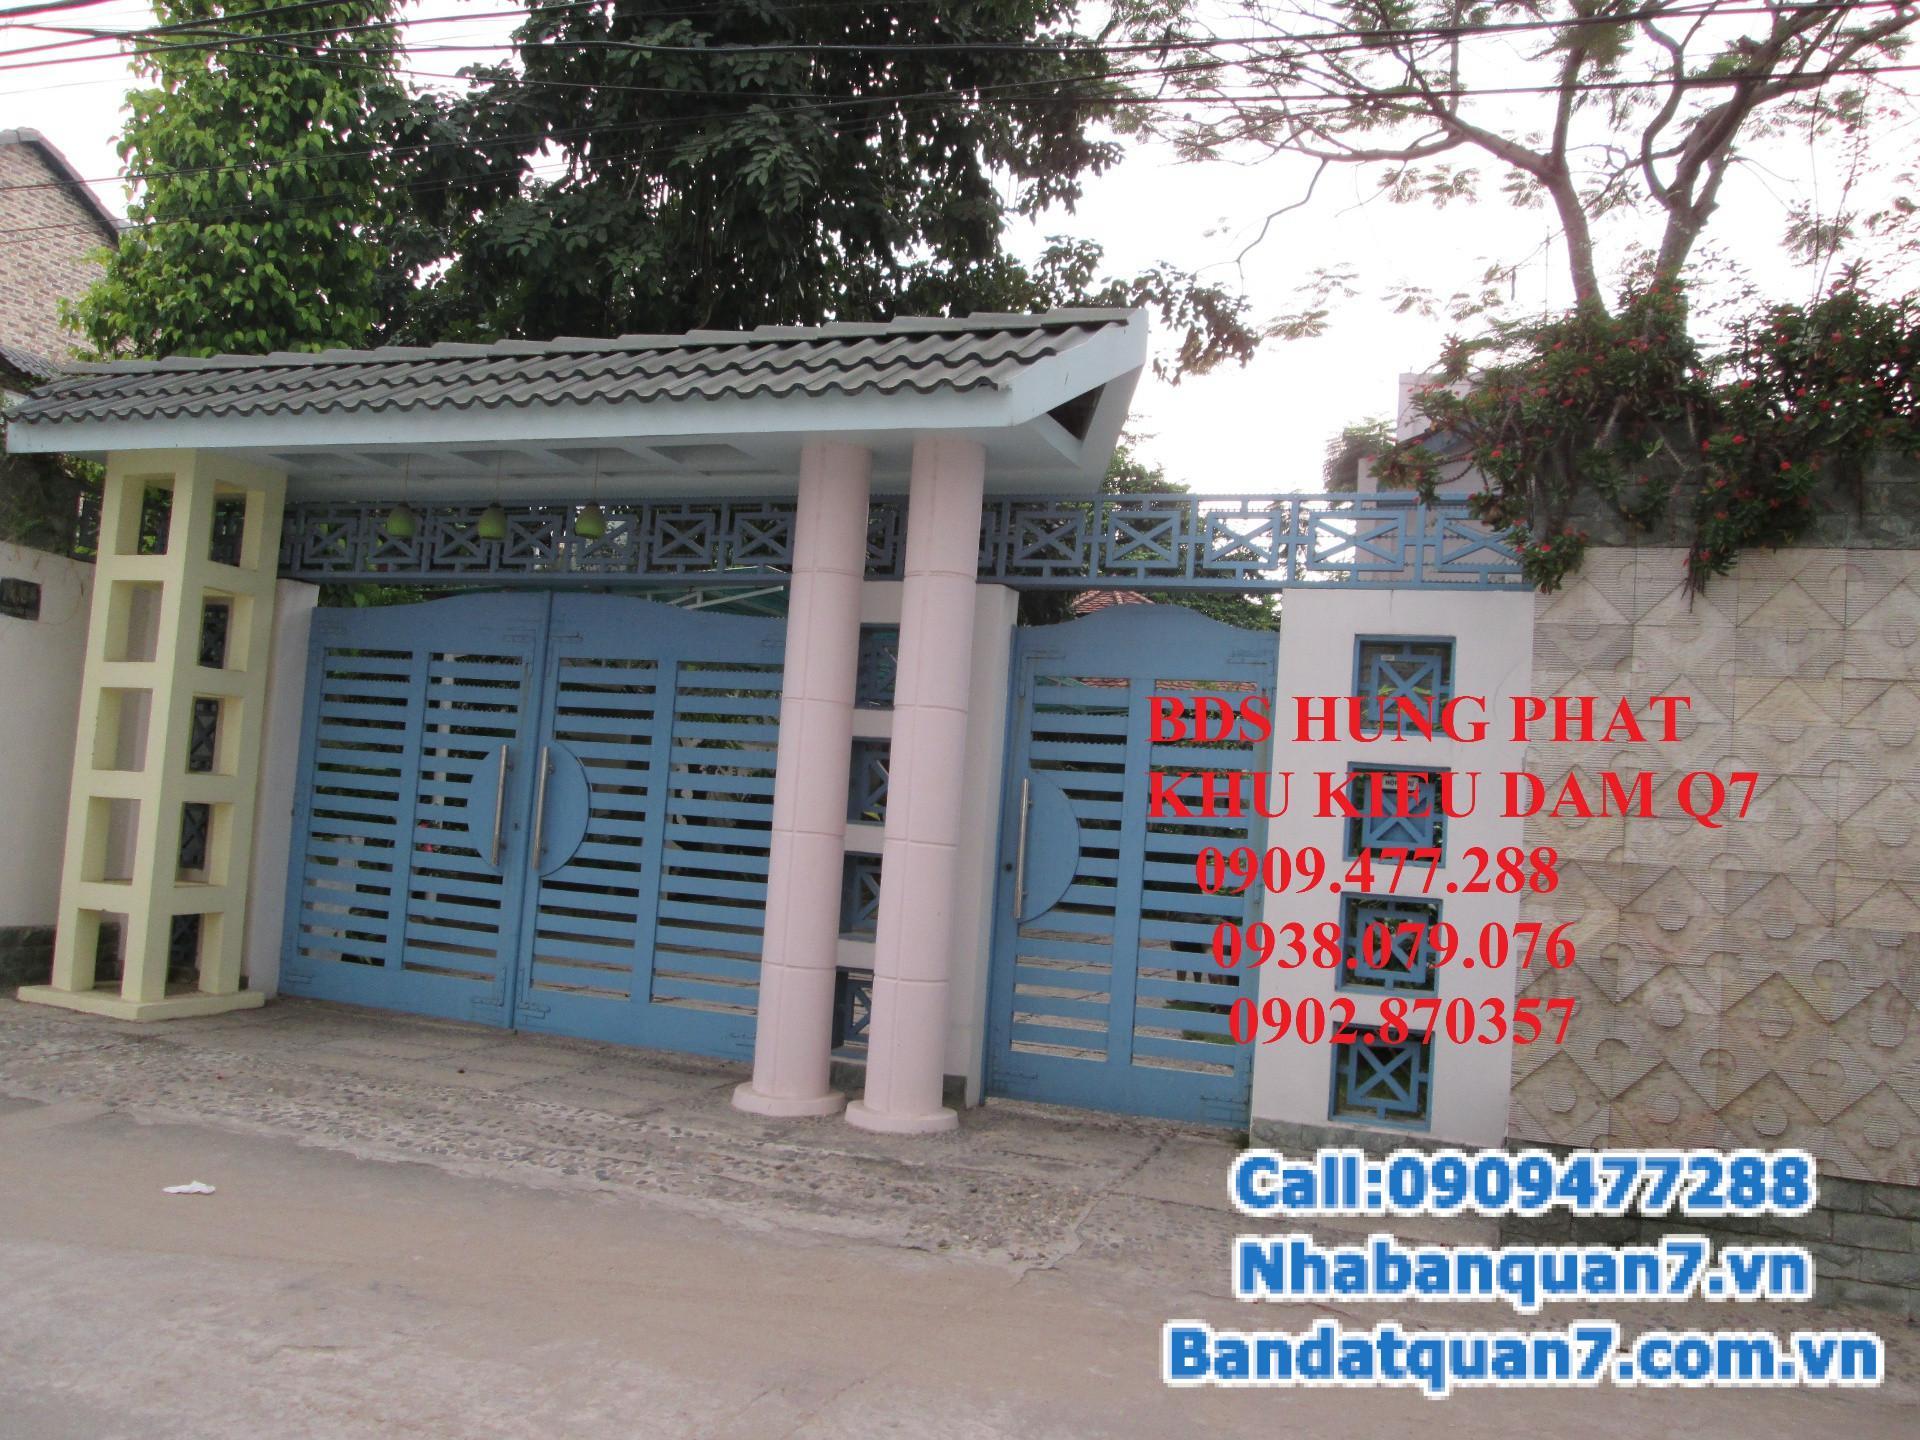 Bán nhà hướng Nam khu dân cư Kiều Đàm, Phường Tân Hưng Quận 7